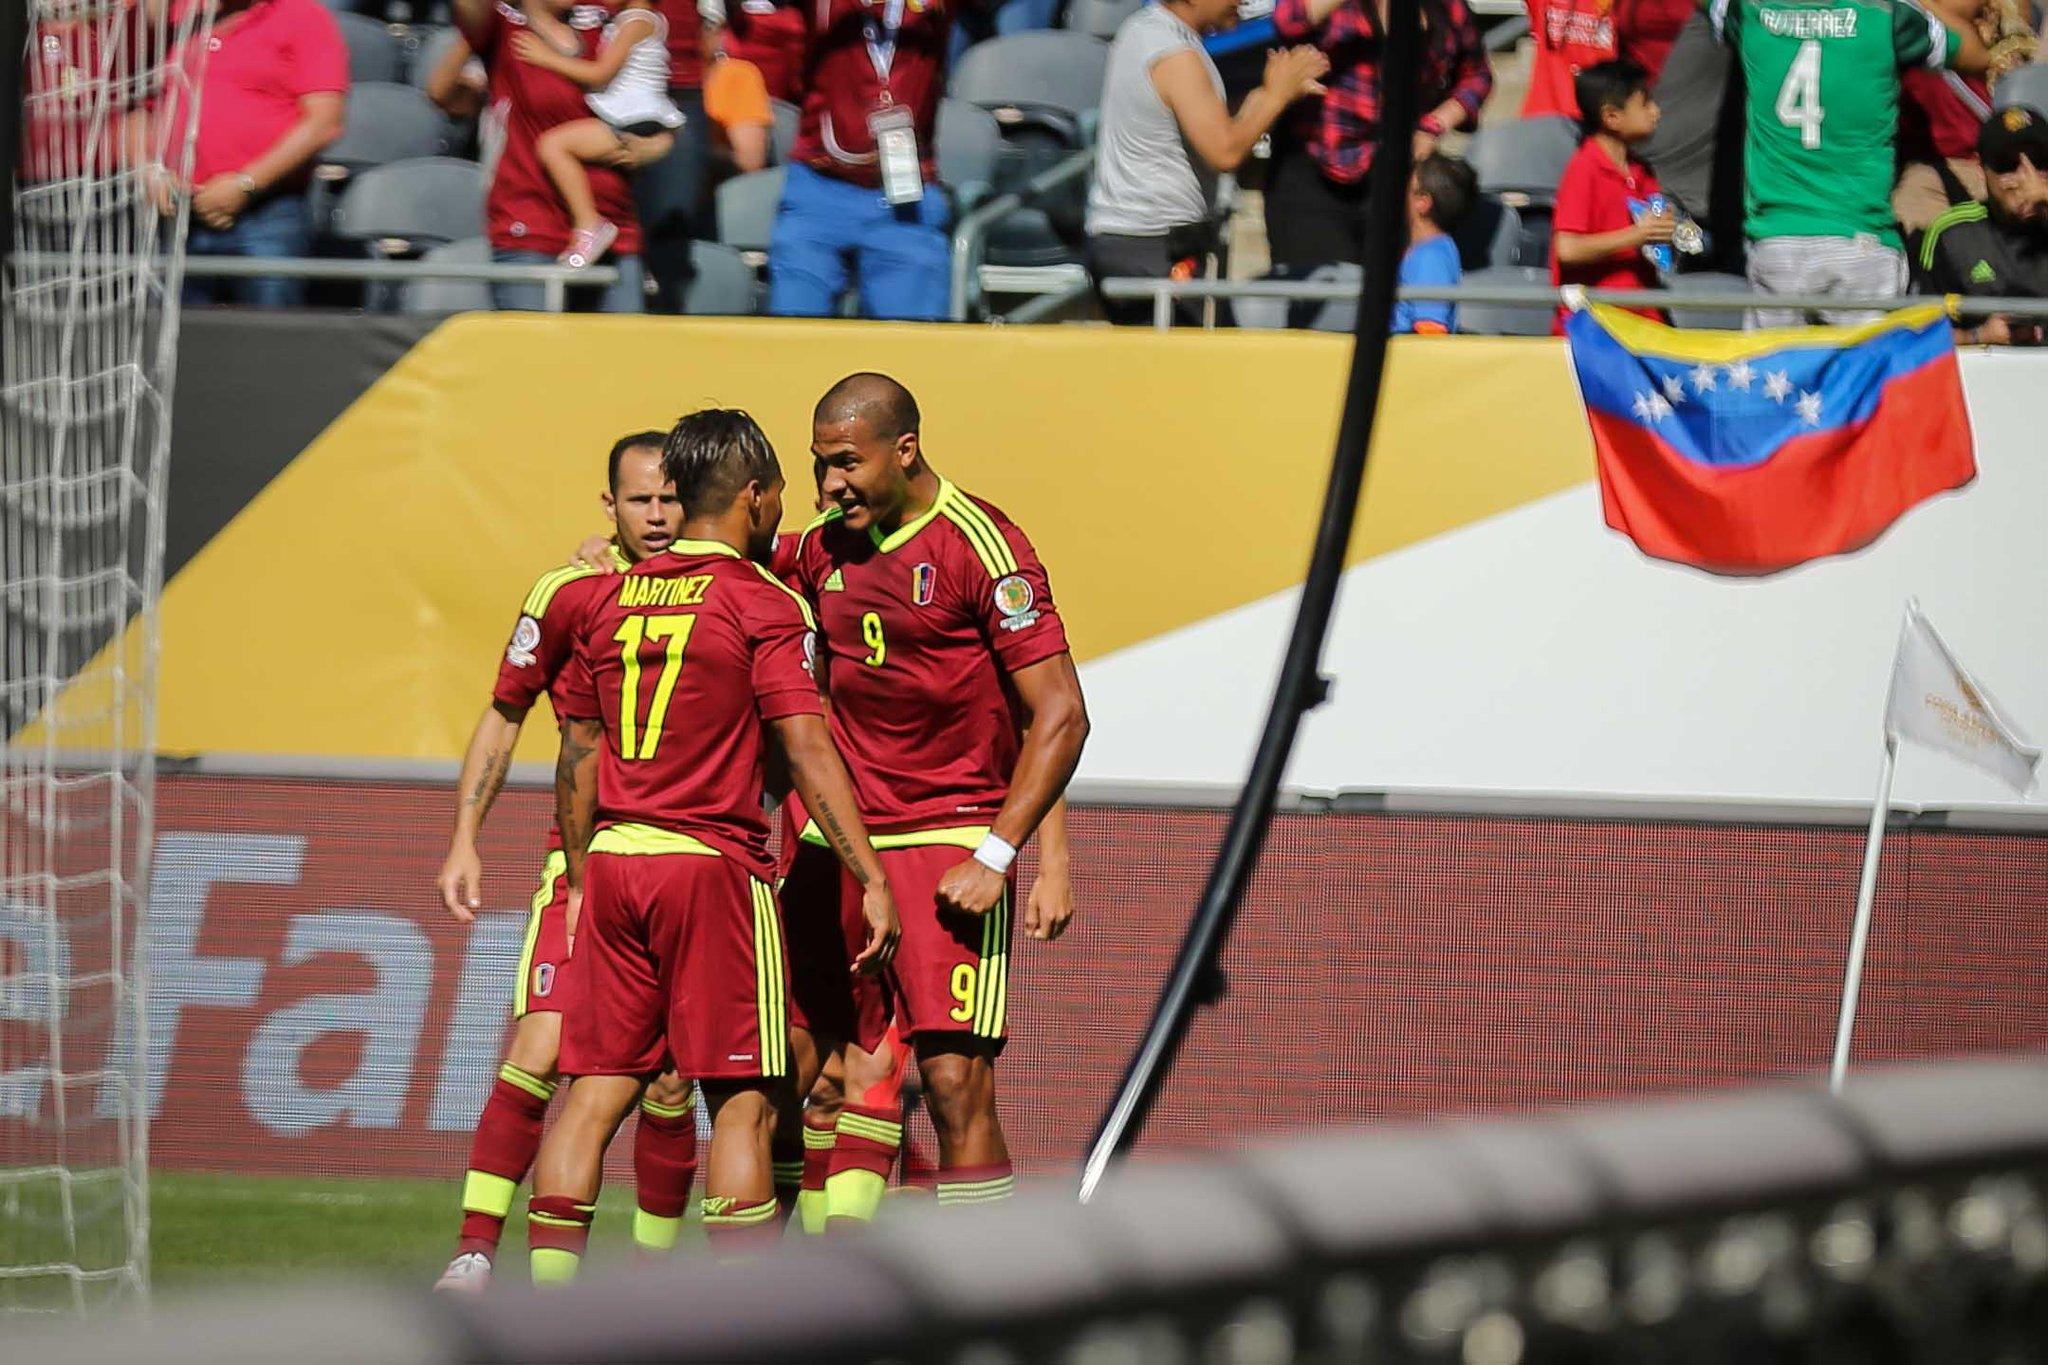 Los jugadores de la vinotinto celebran el gol. foto prensa FVF